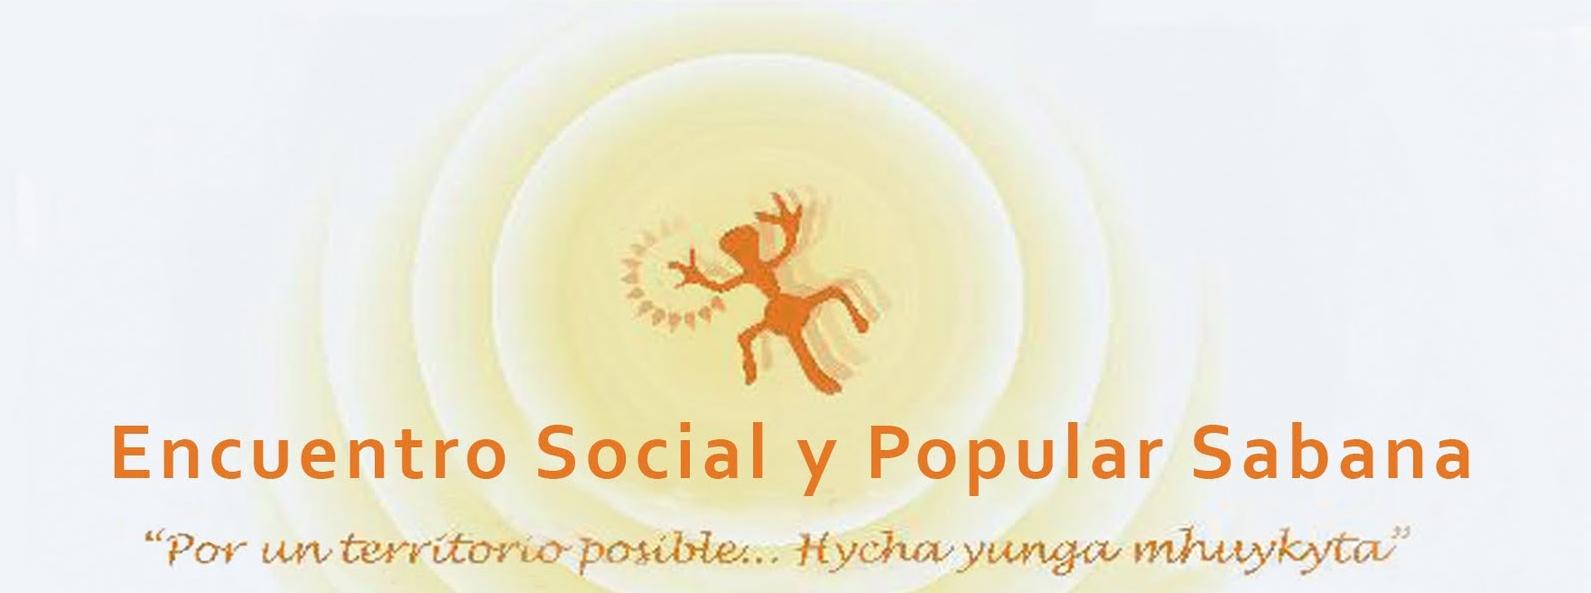 ENCUENTRO SOCIAL Y POPULAR SABANA